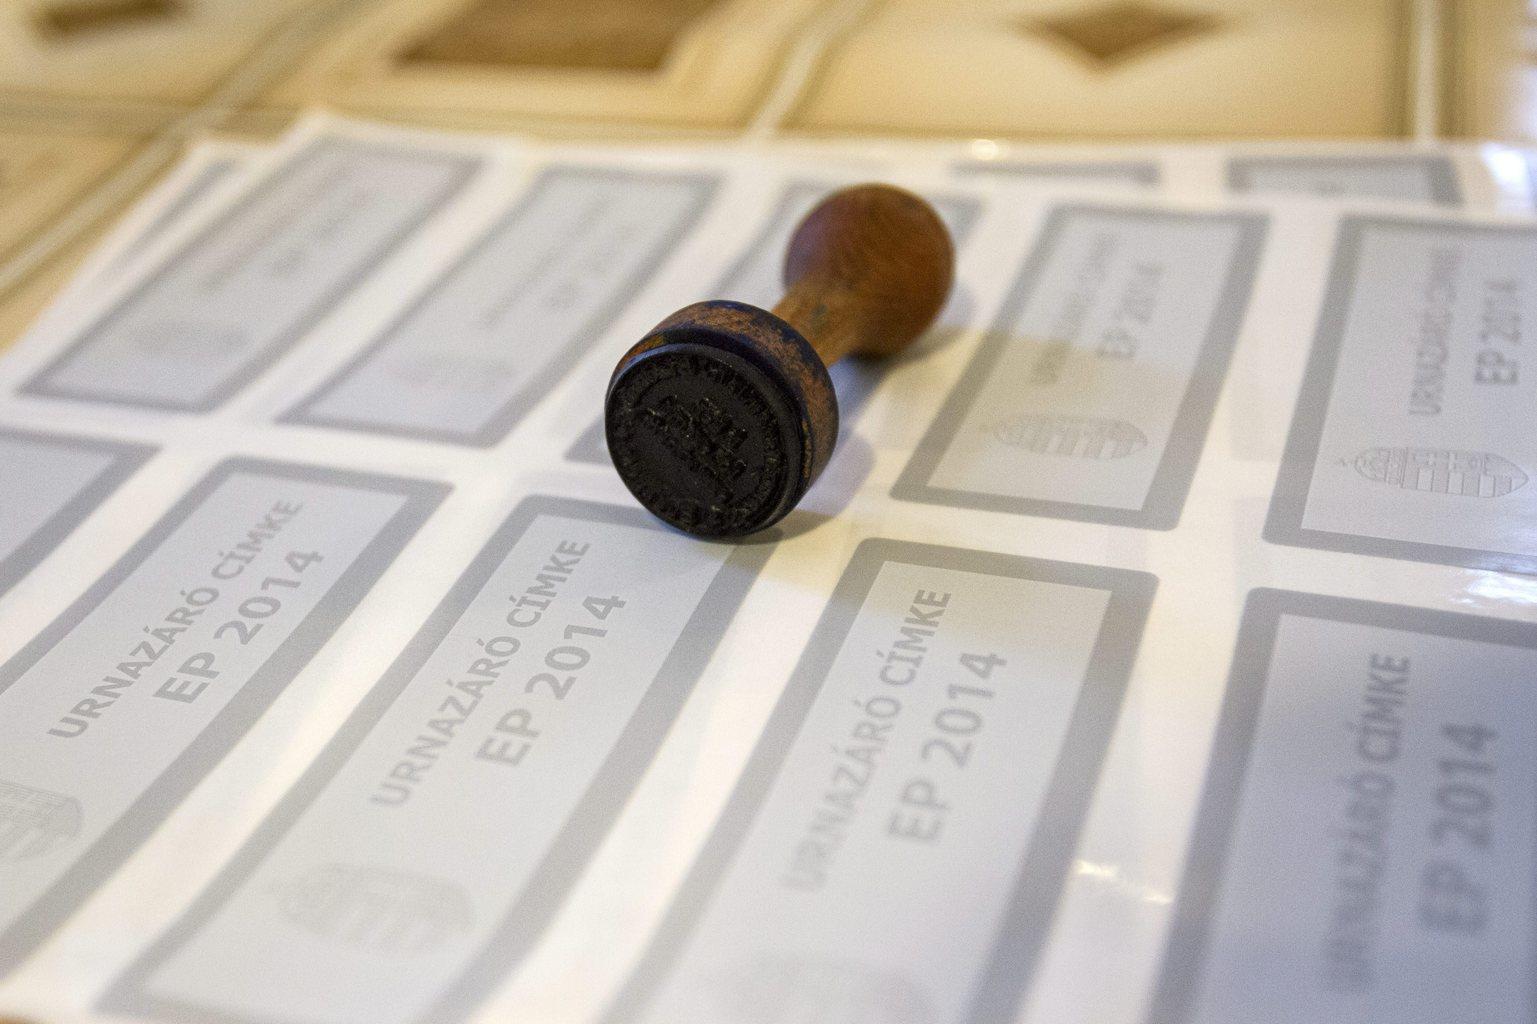 Pecsét és urnazáró címkék a budapesti 1. számú választókerület 15-ös szavazókörében, a Petőfi Sándor Gimnáziumban az európai parlamenti választások napján, 2014. május 25-én. MTI Fotó: Szigetváry Zsolt